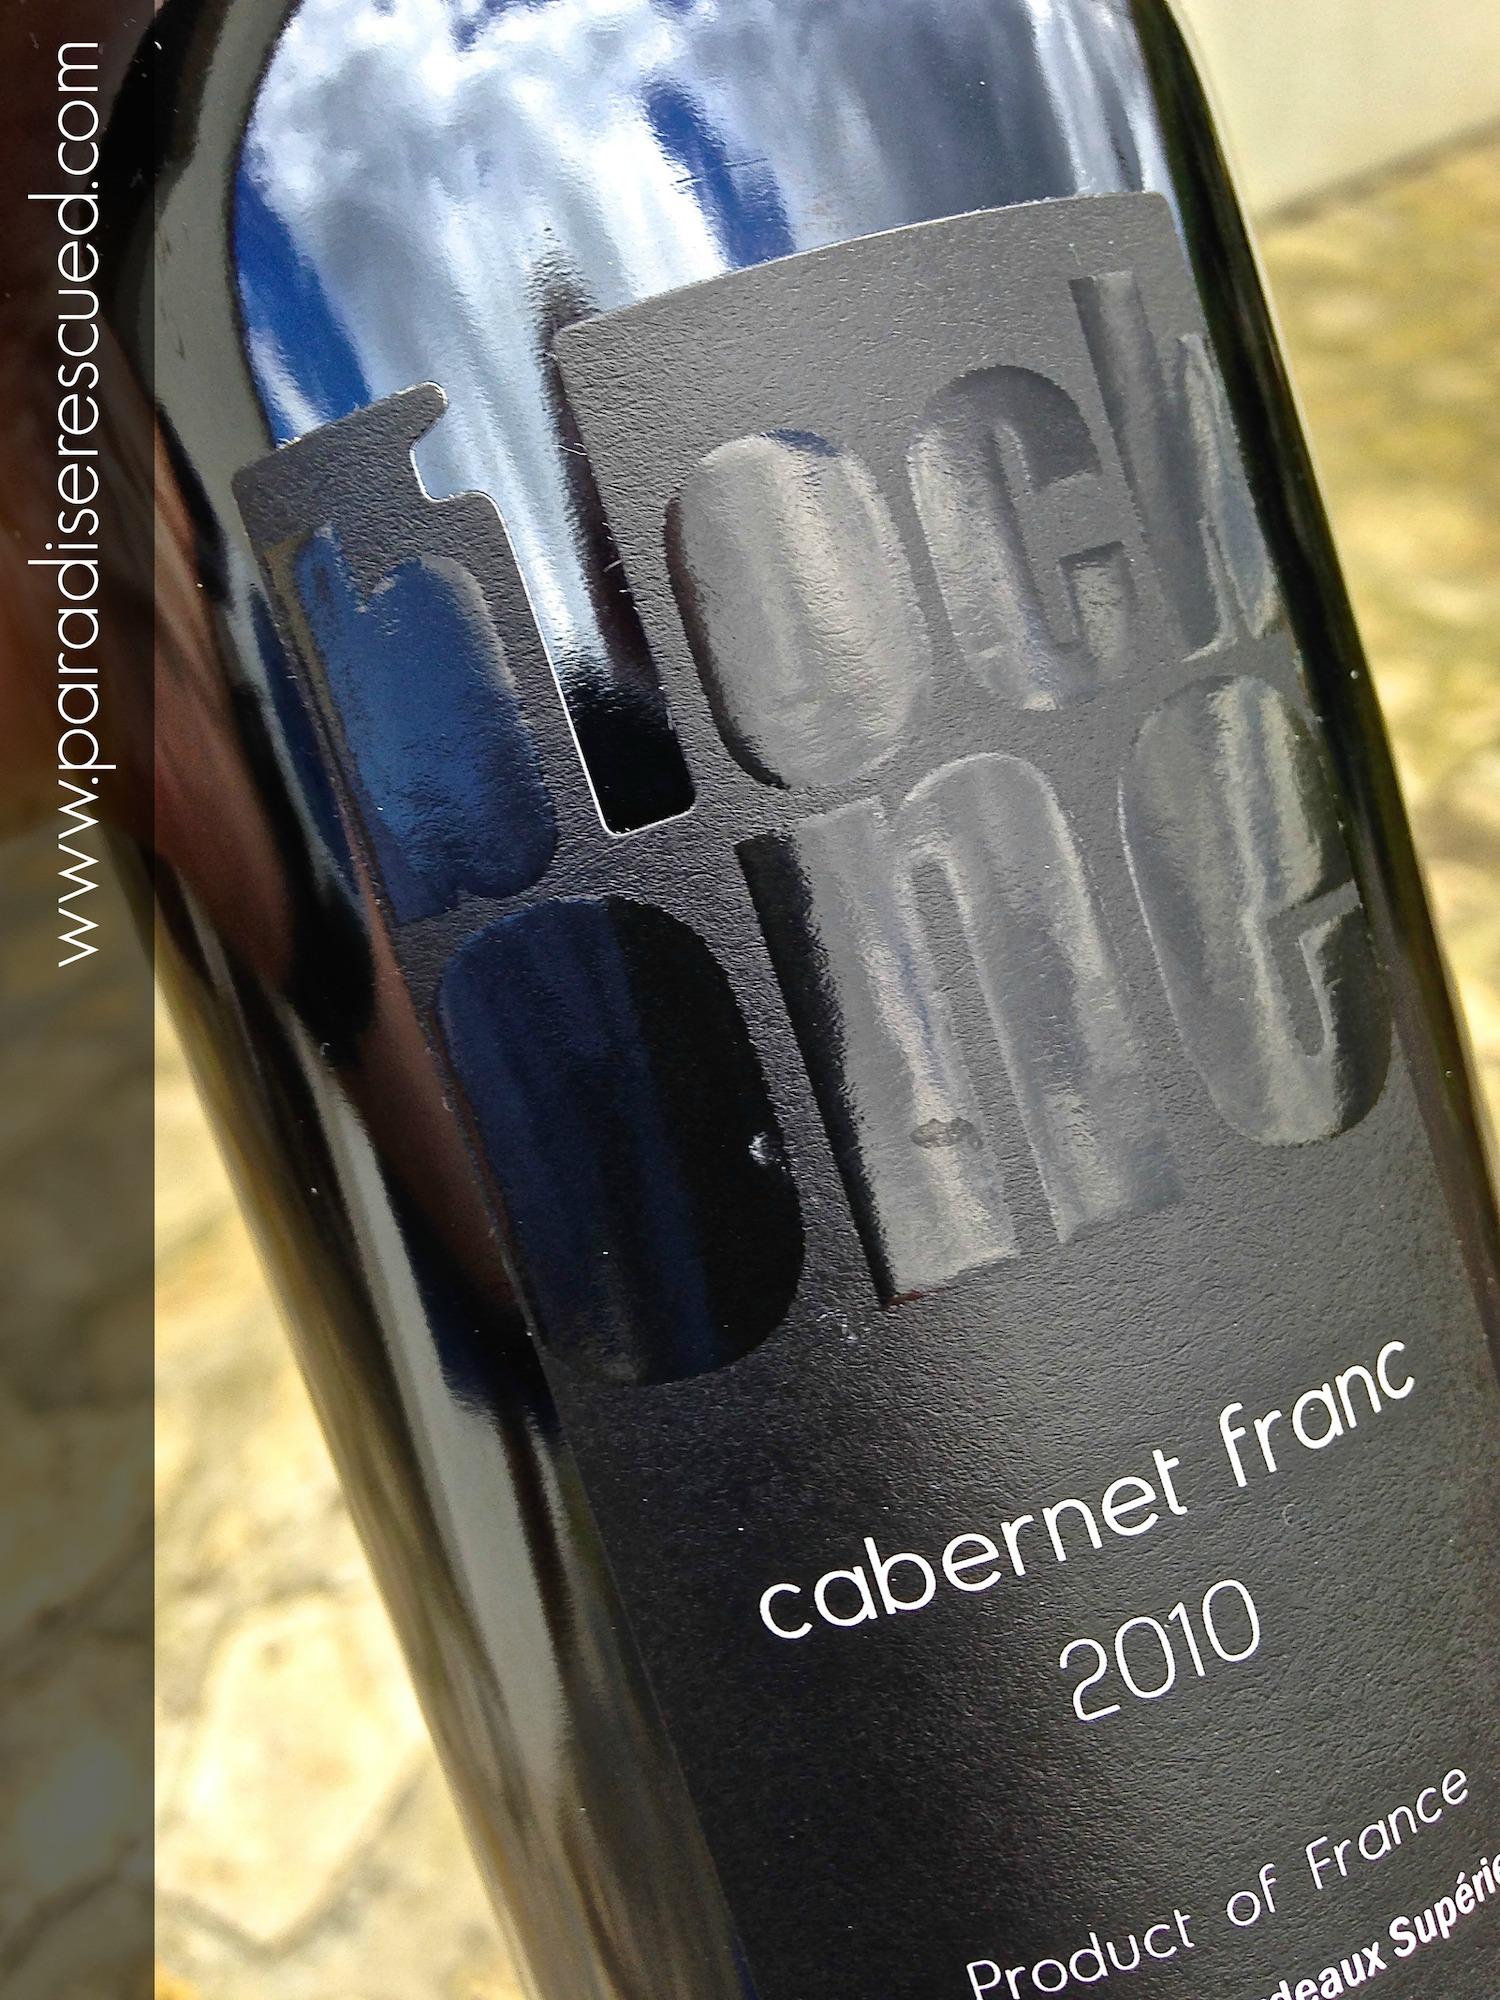 Paradise Rescued B1ockOne Bordeaux Cabernet Franc 2010 - beautiful Bordeaux Wine